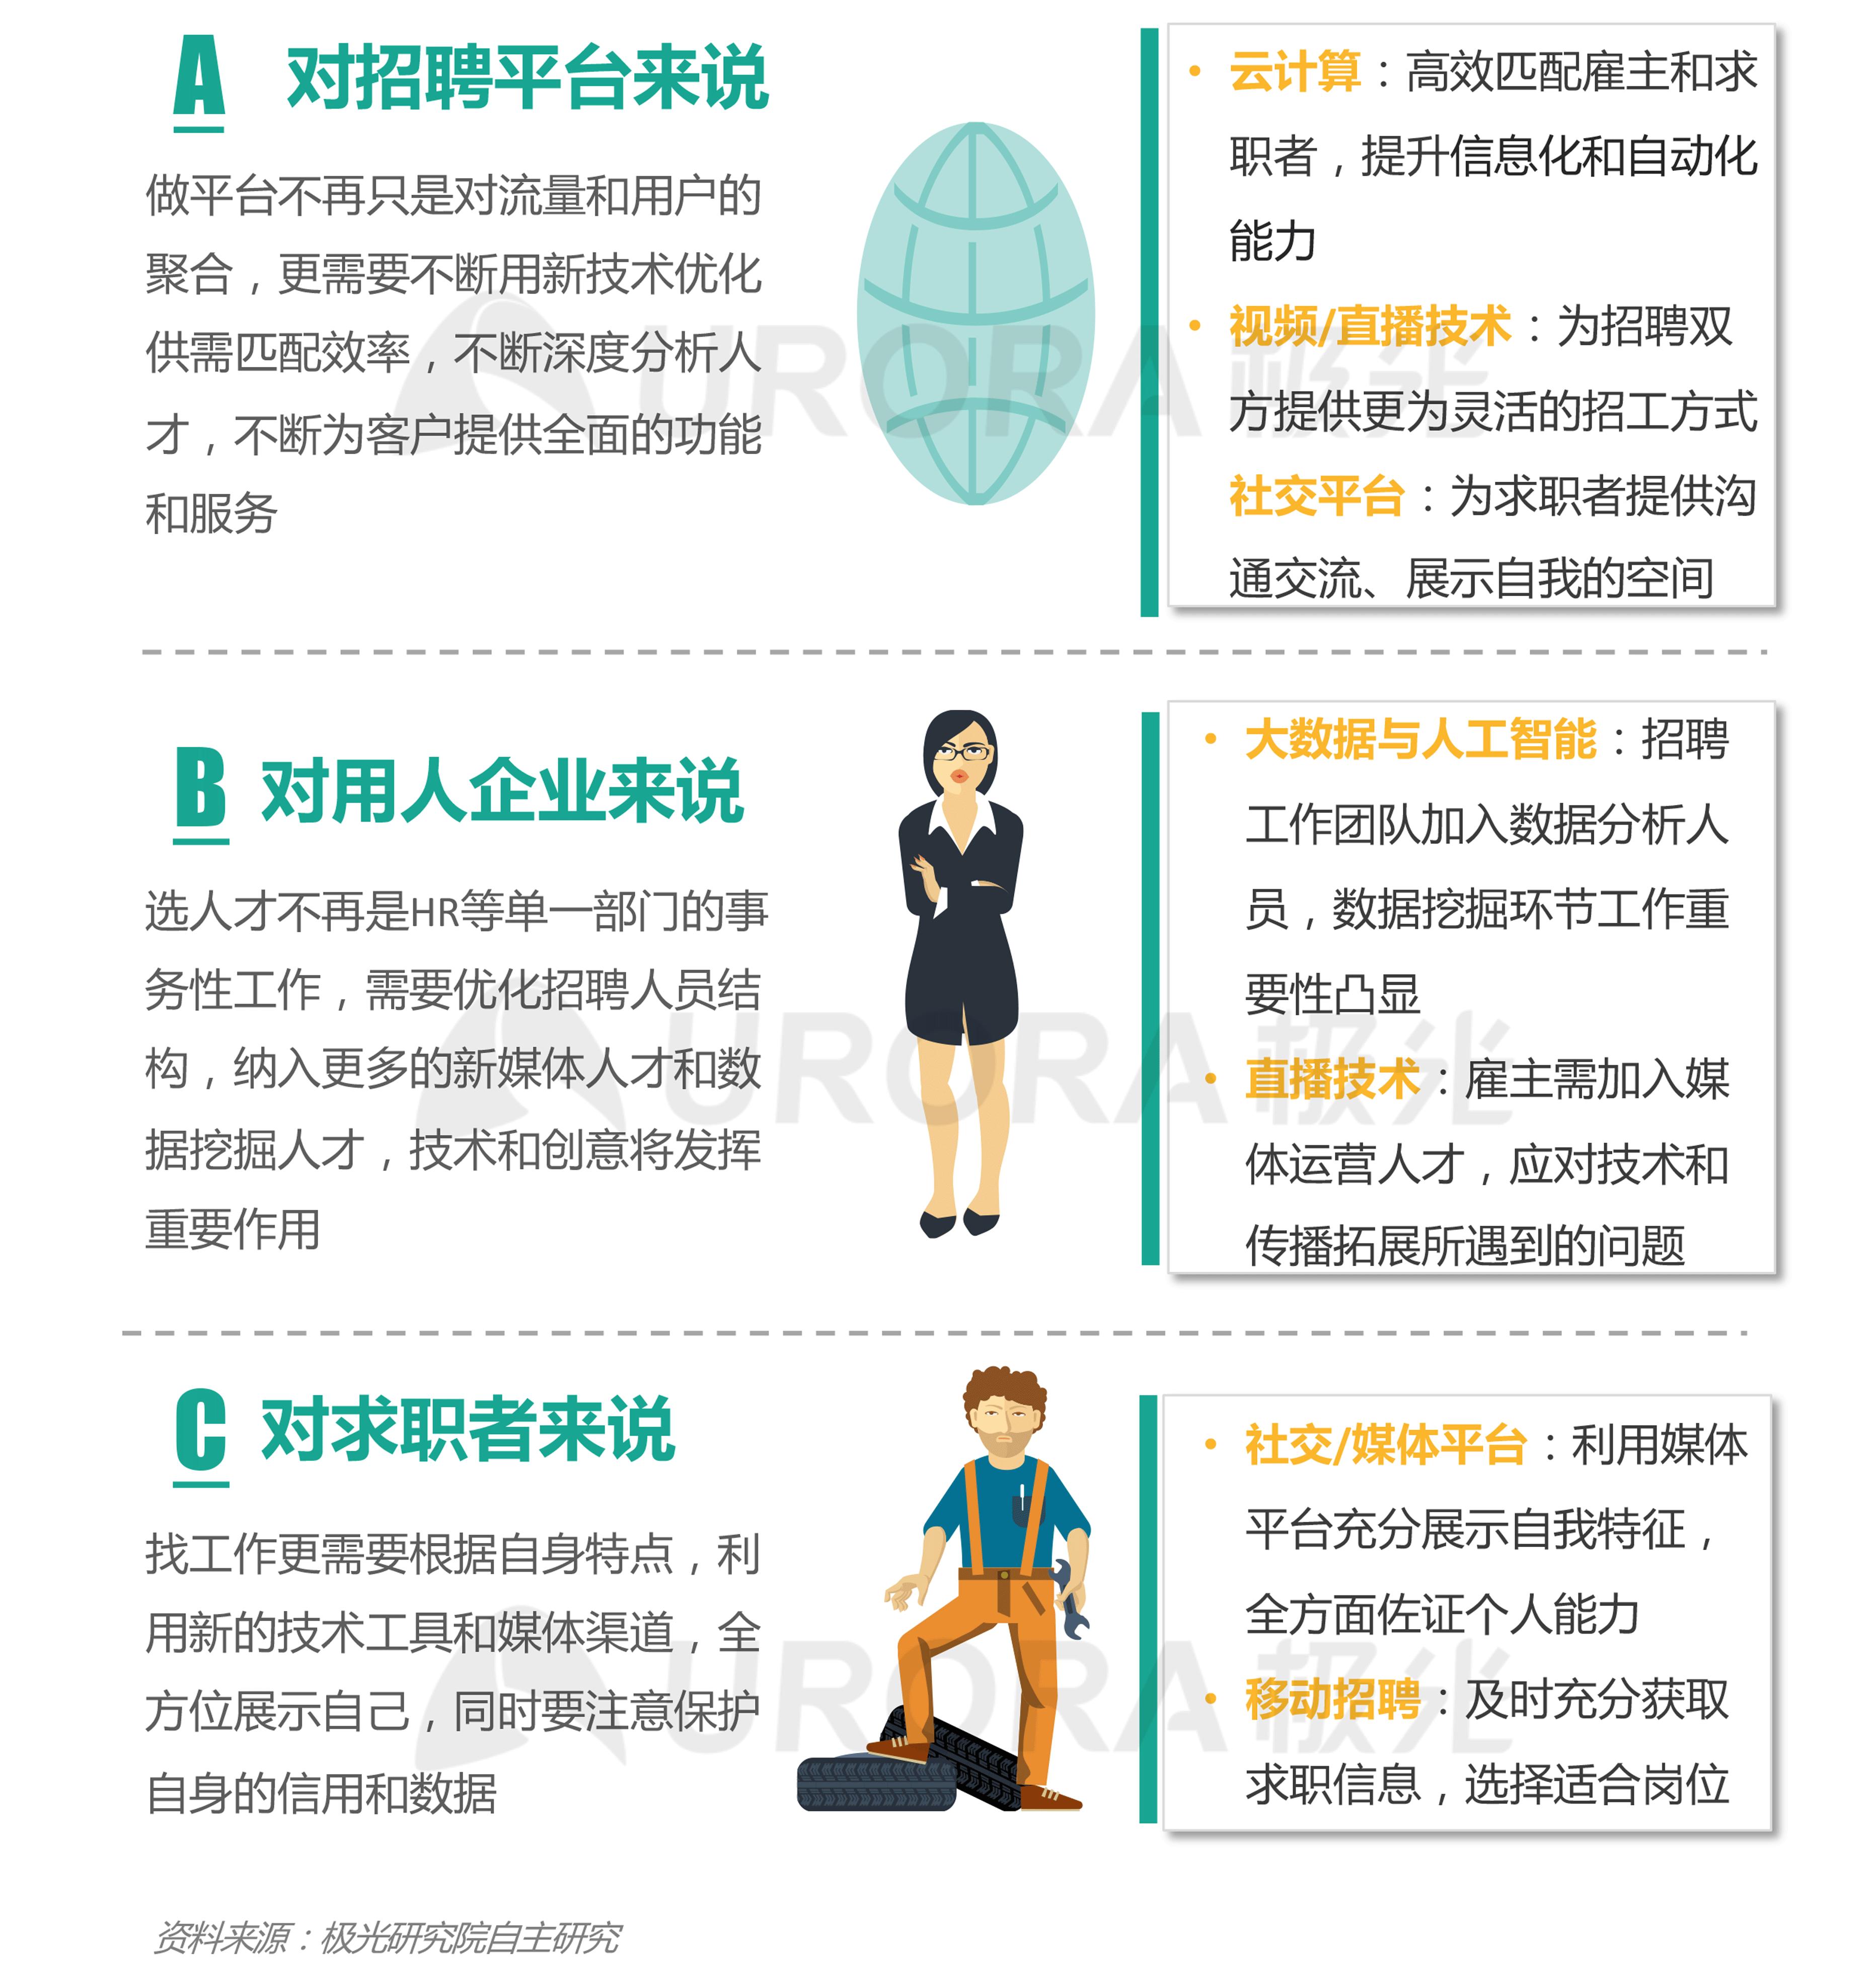 """""""超职季""""招聘行业报告-汇总版 (15).png"""